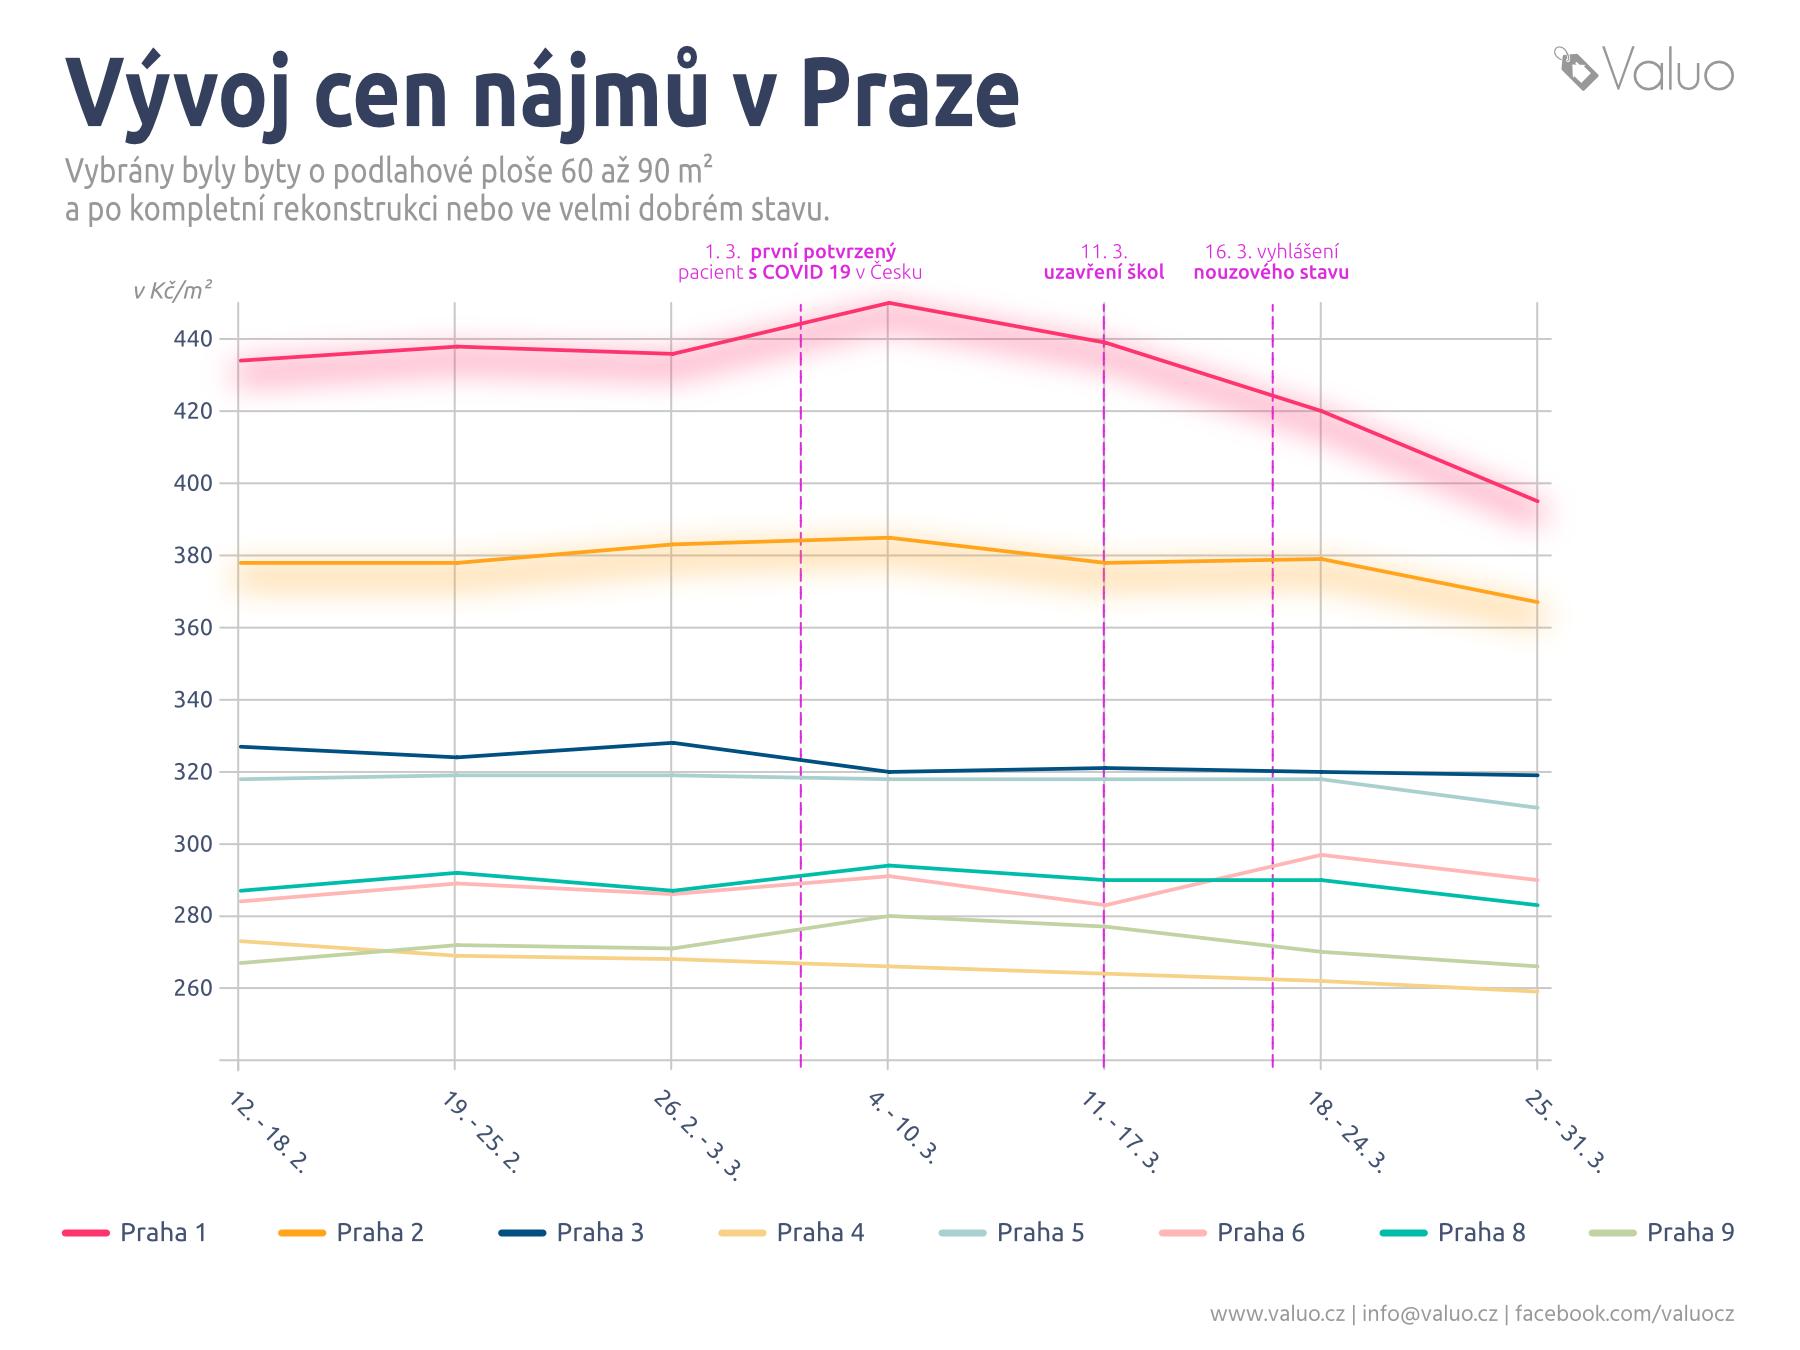 Vývoj cen nájemného v Praze